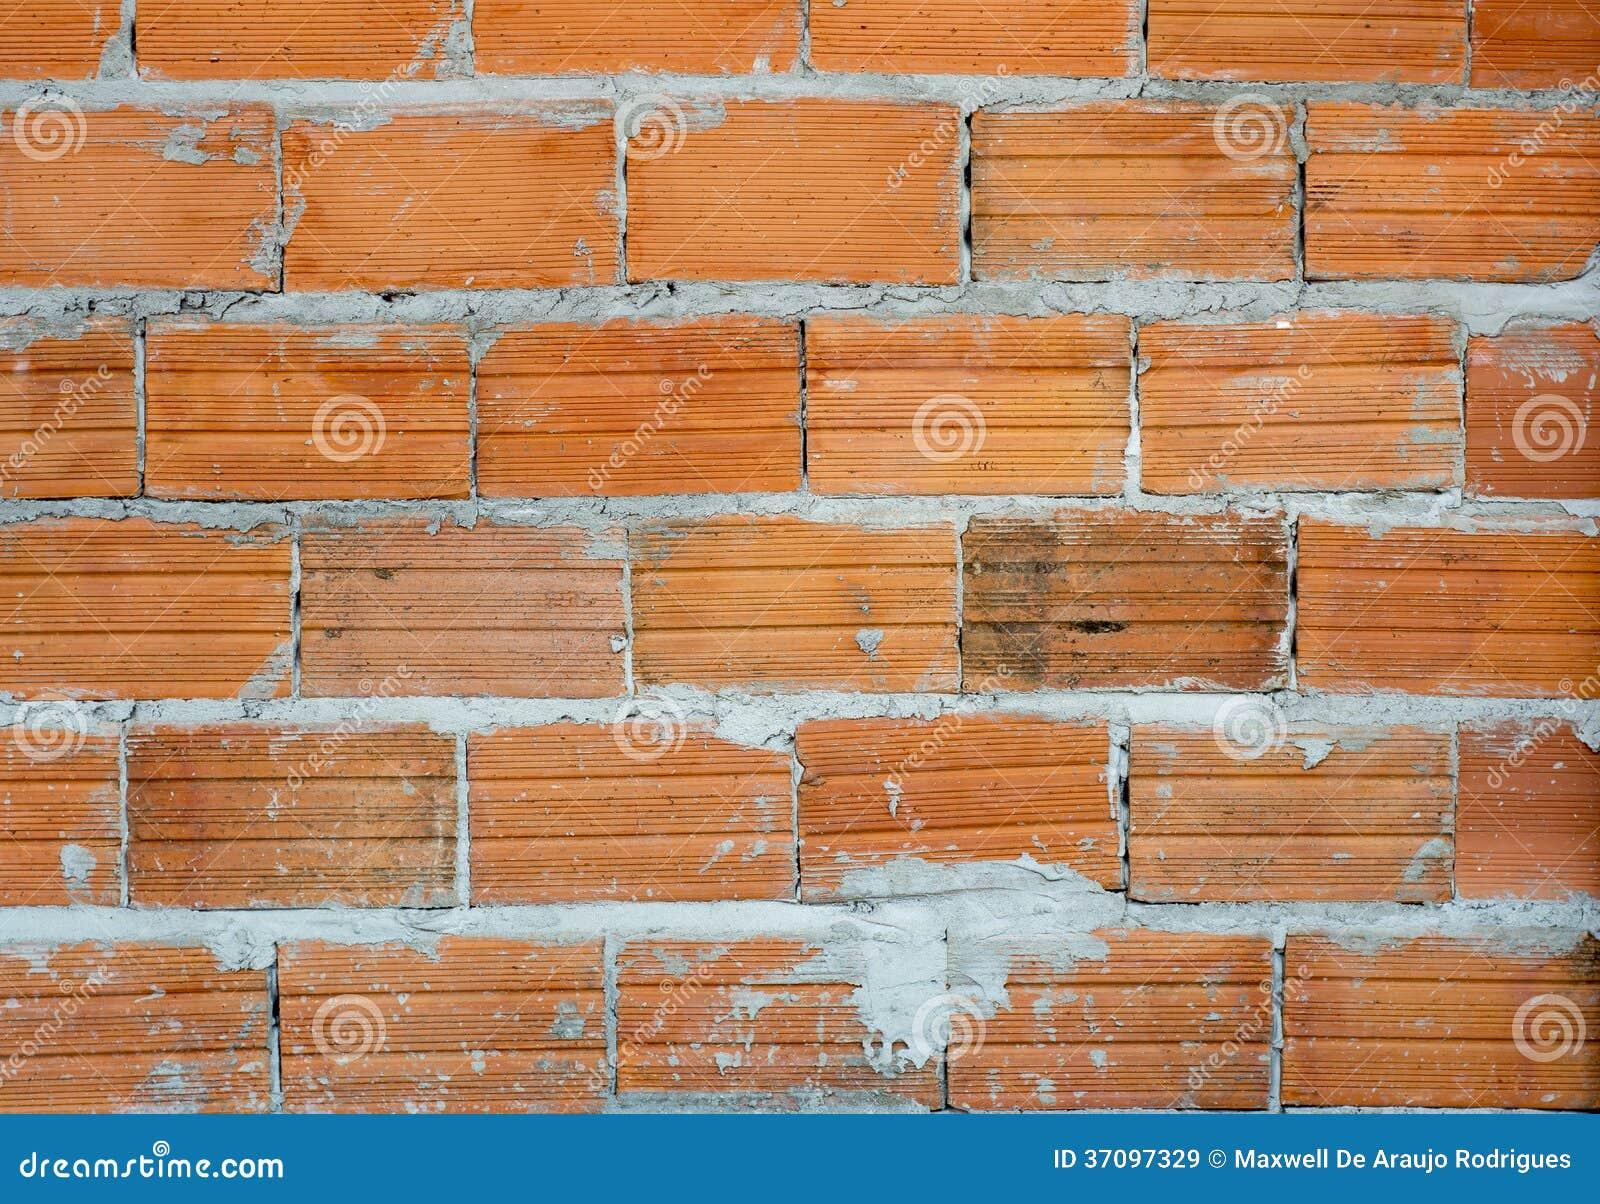 Favela Bricks Royalty Free Stock Images Image 37097329